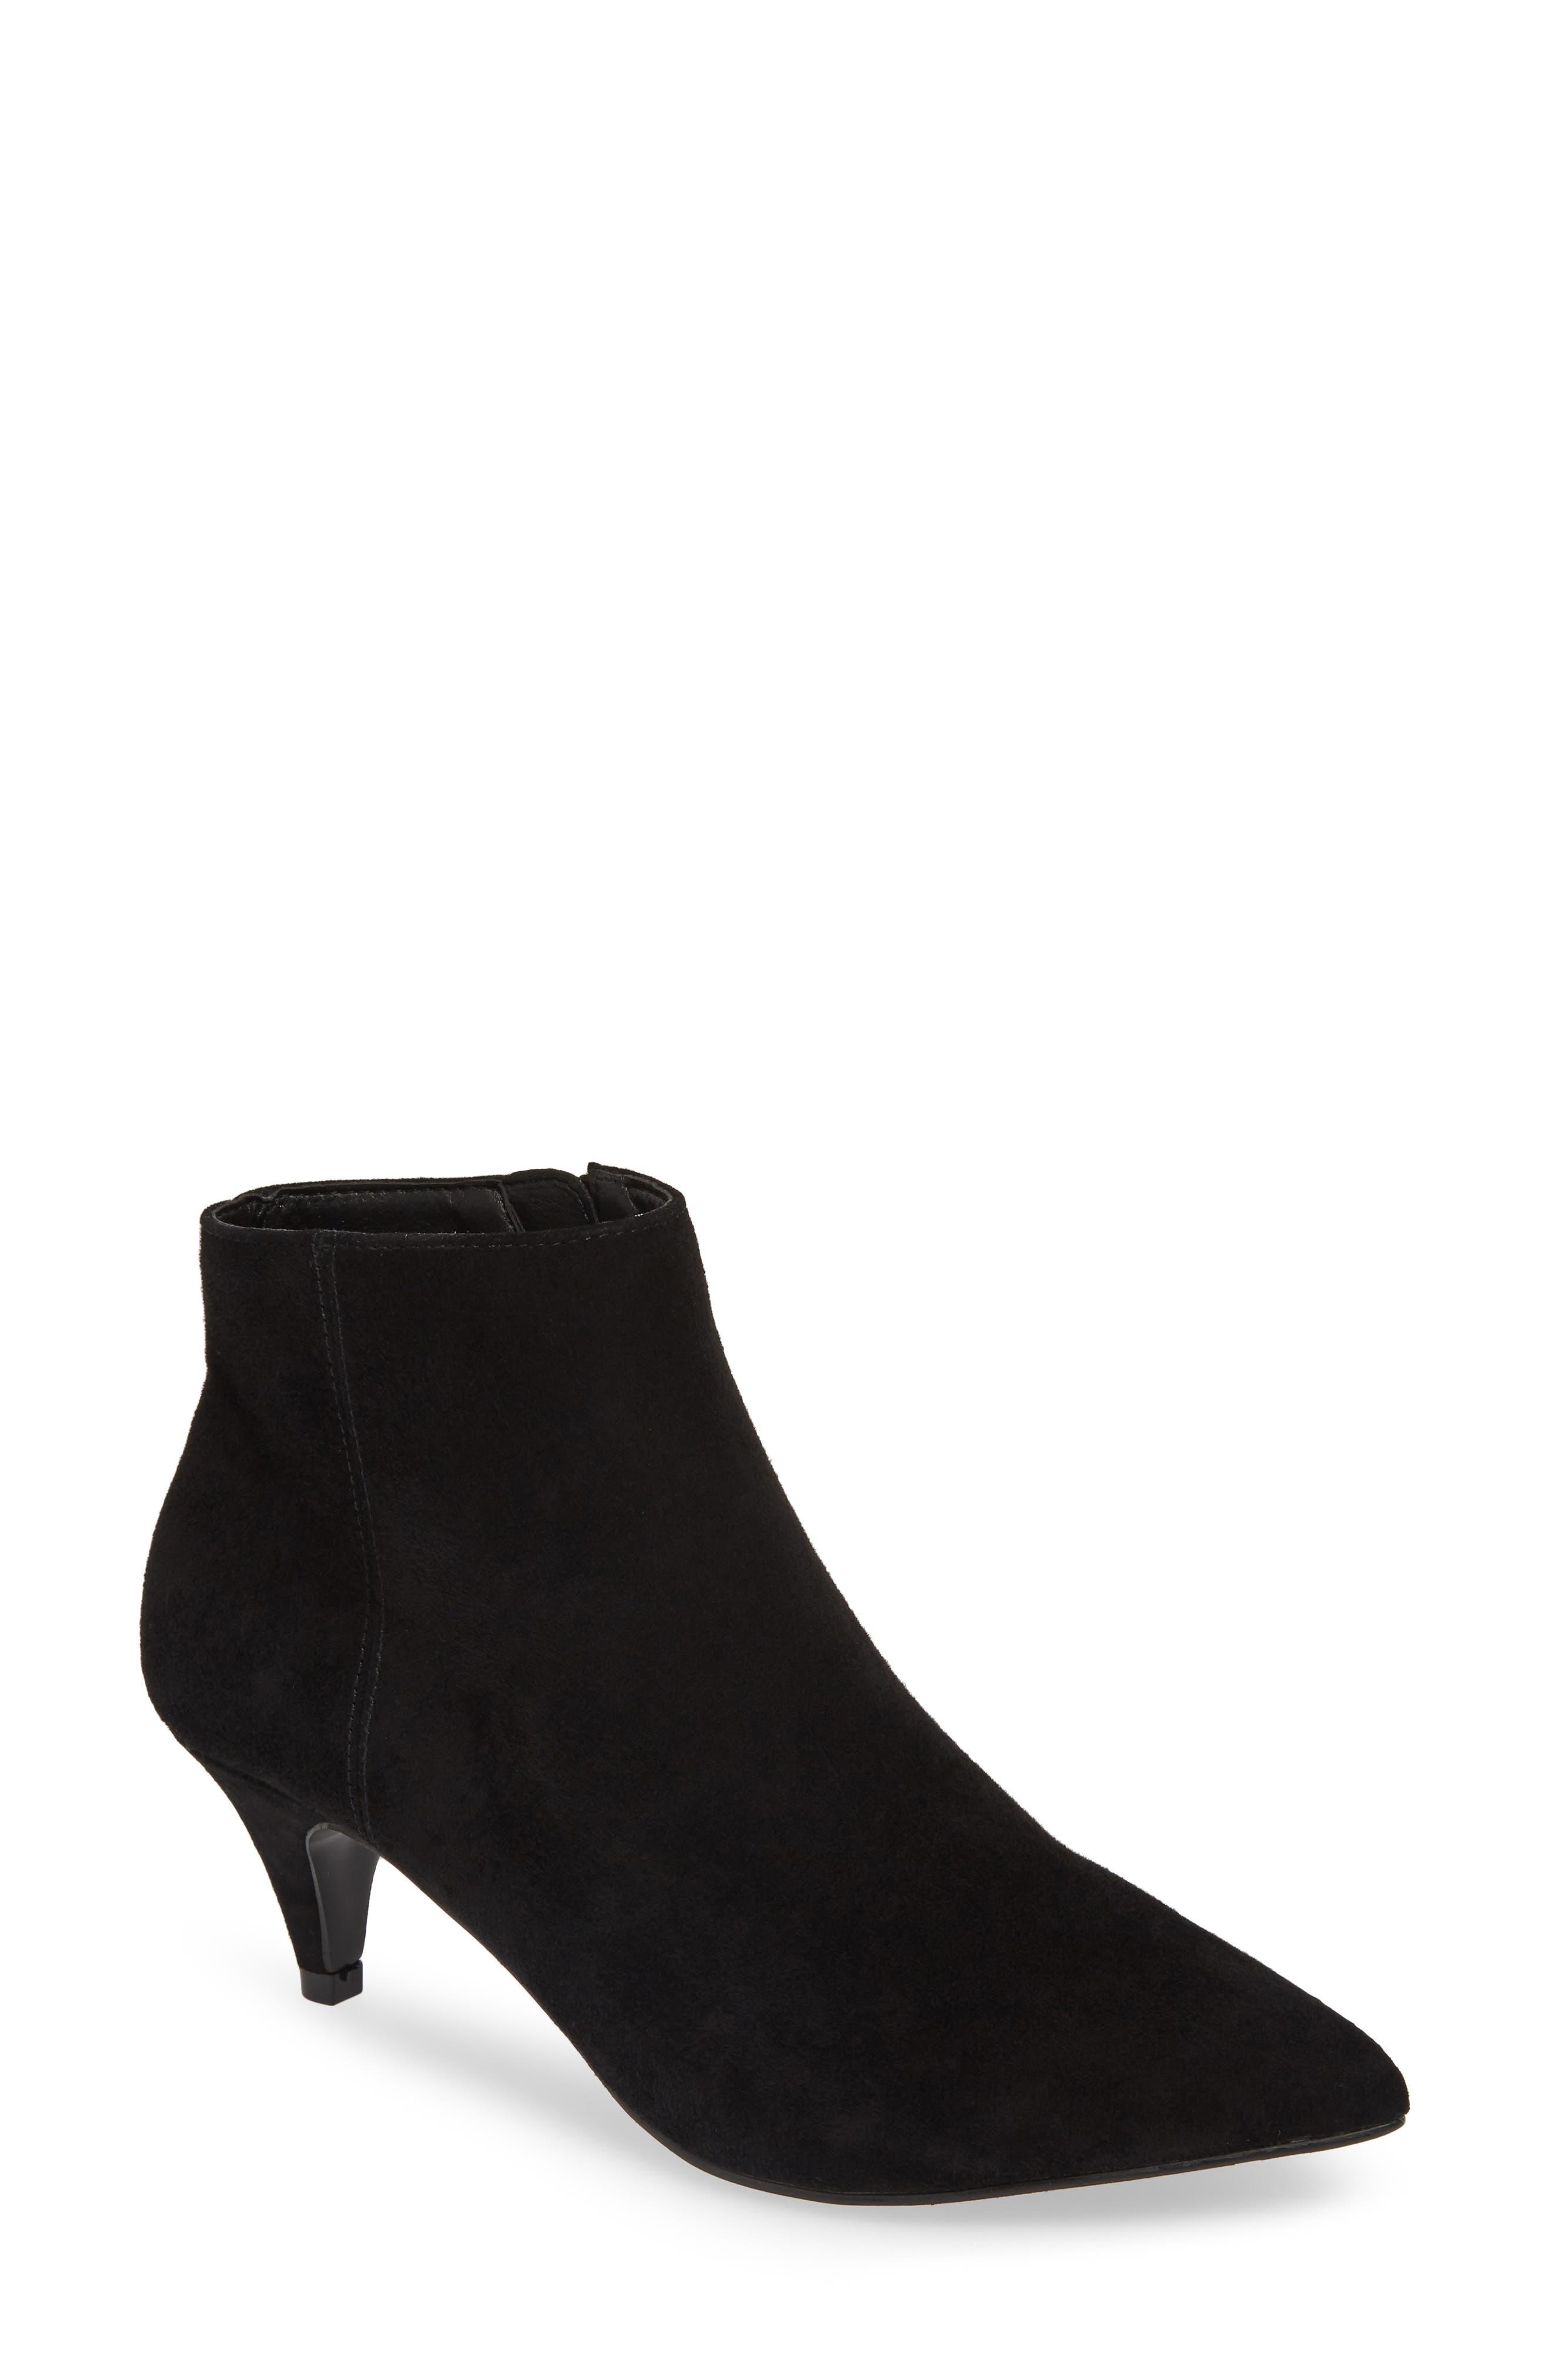 1b7618a7566 Black Steve Madden Boots for Women